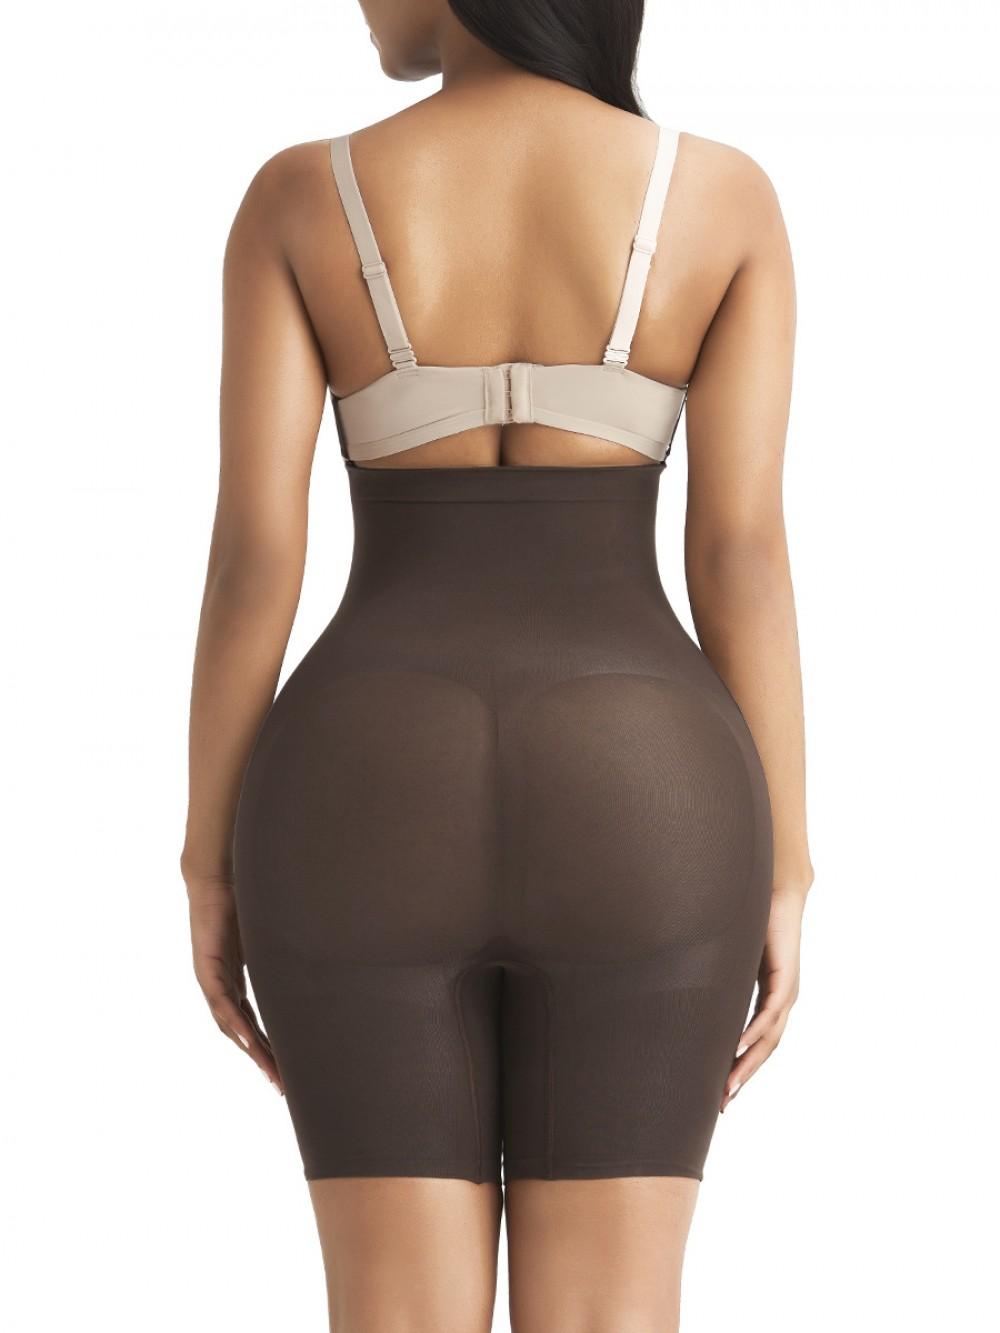 Abdominal Slimmer Dark Brown Seamless Buckle Butt Enhance Plus Size